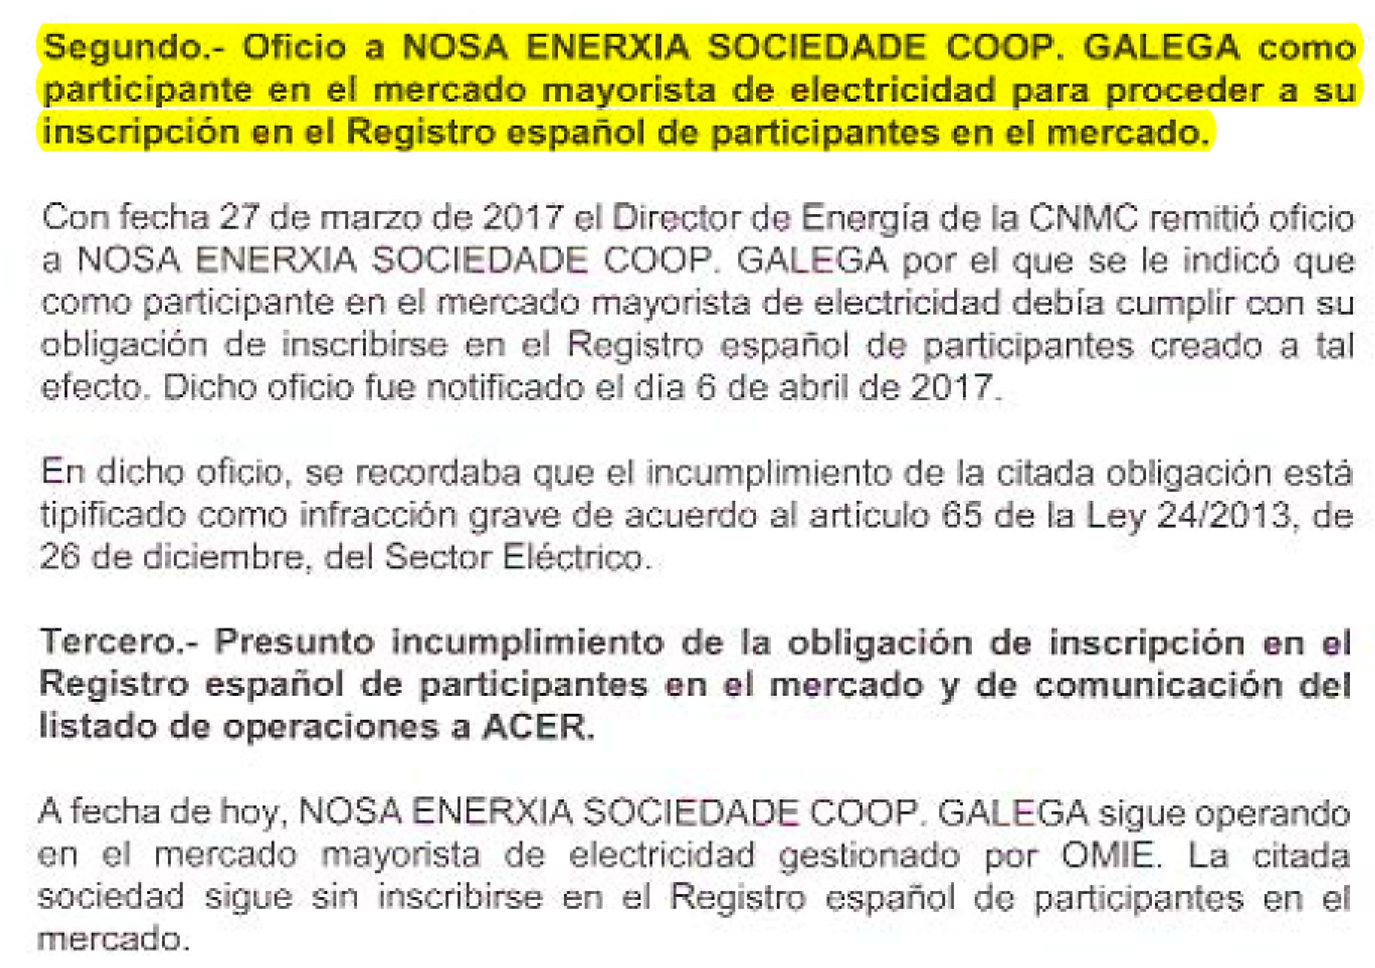 Comunicación da sanción a Nosa Enerxía por parte da CNMC